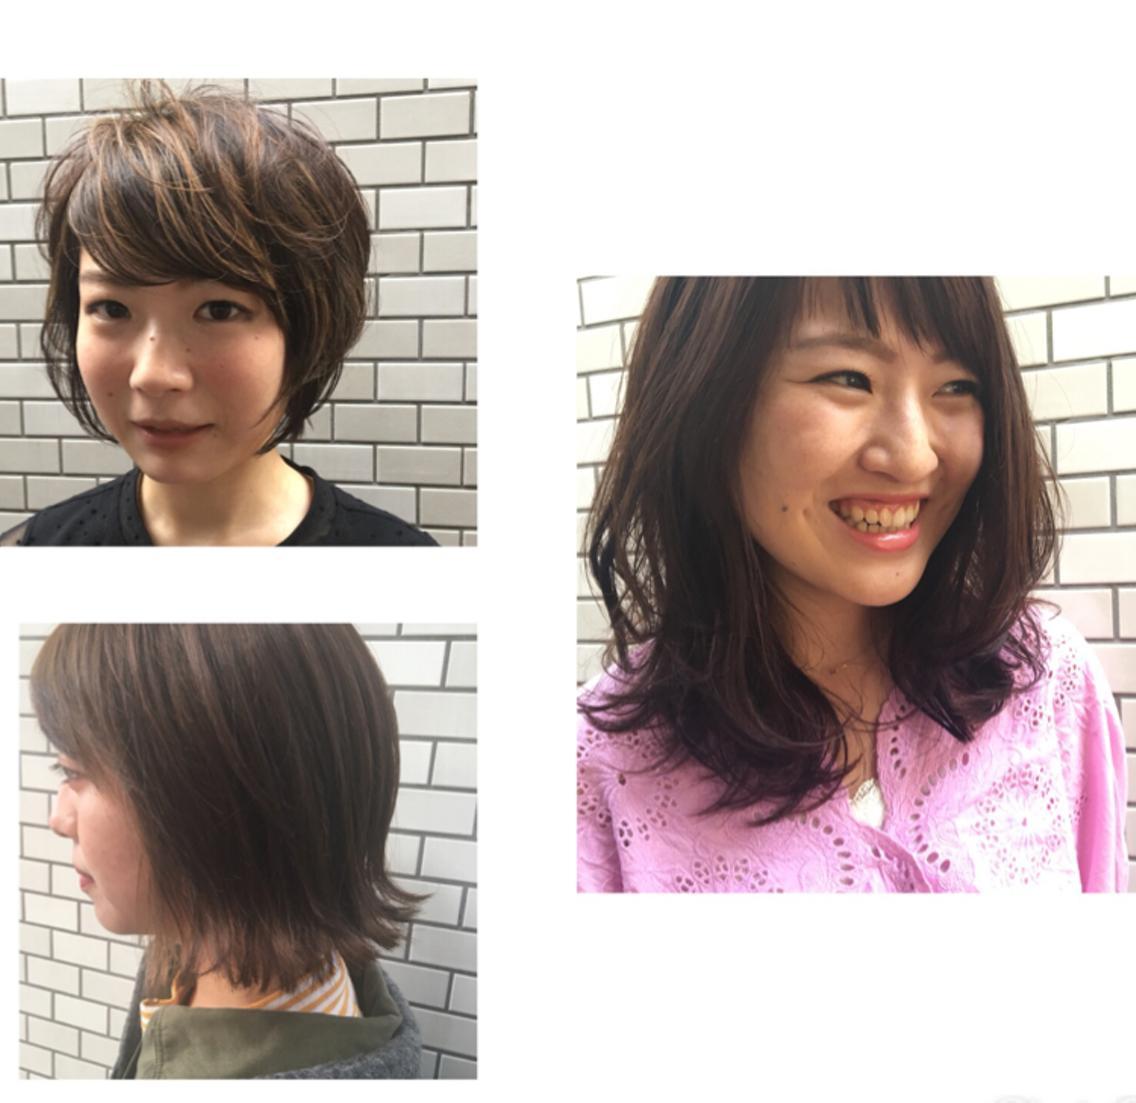 3月24日メンズ限定カット千円!カット、パーマ etc..!ヘアアレンジ無料!kokoro hairsalon ⁂ アットホームな美容室